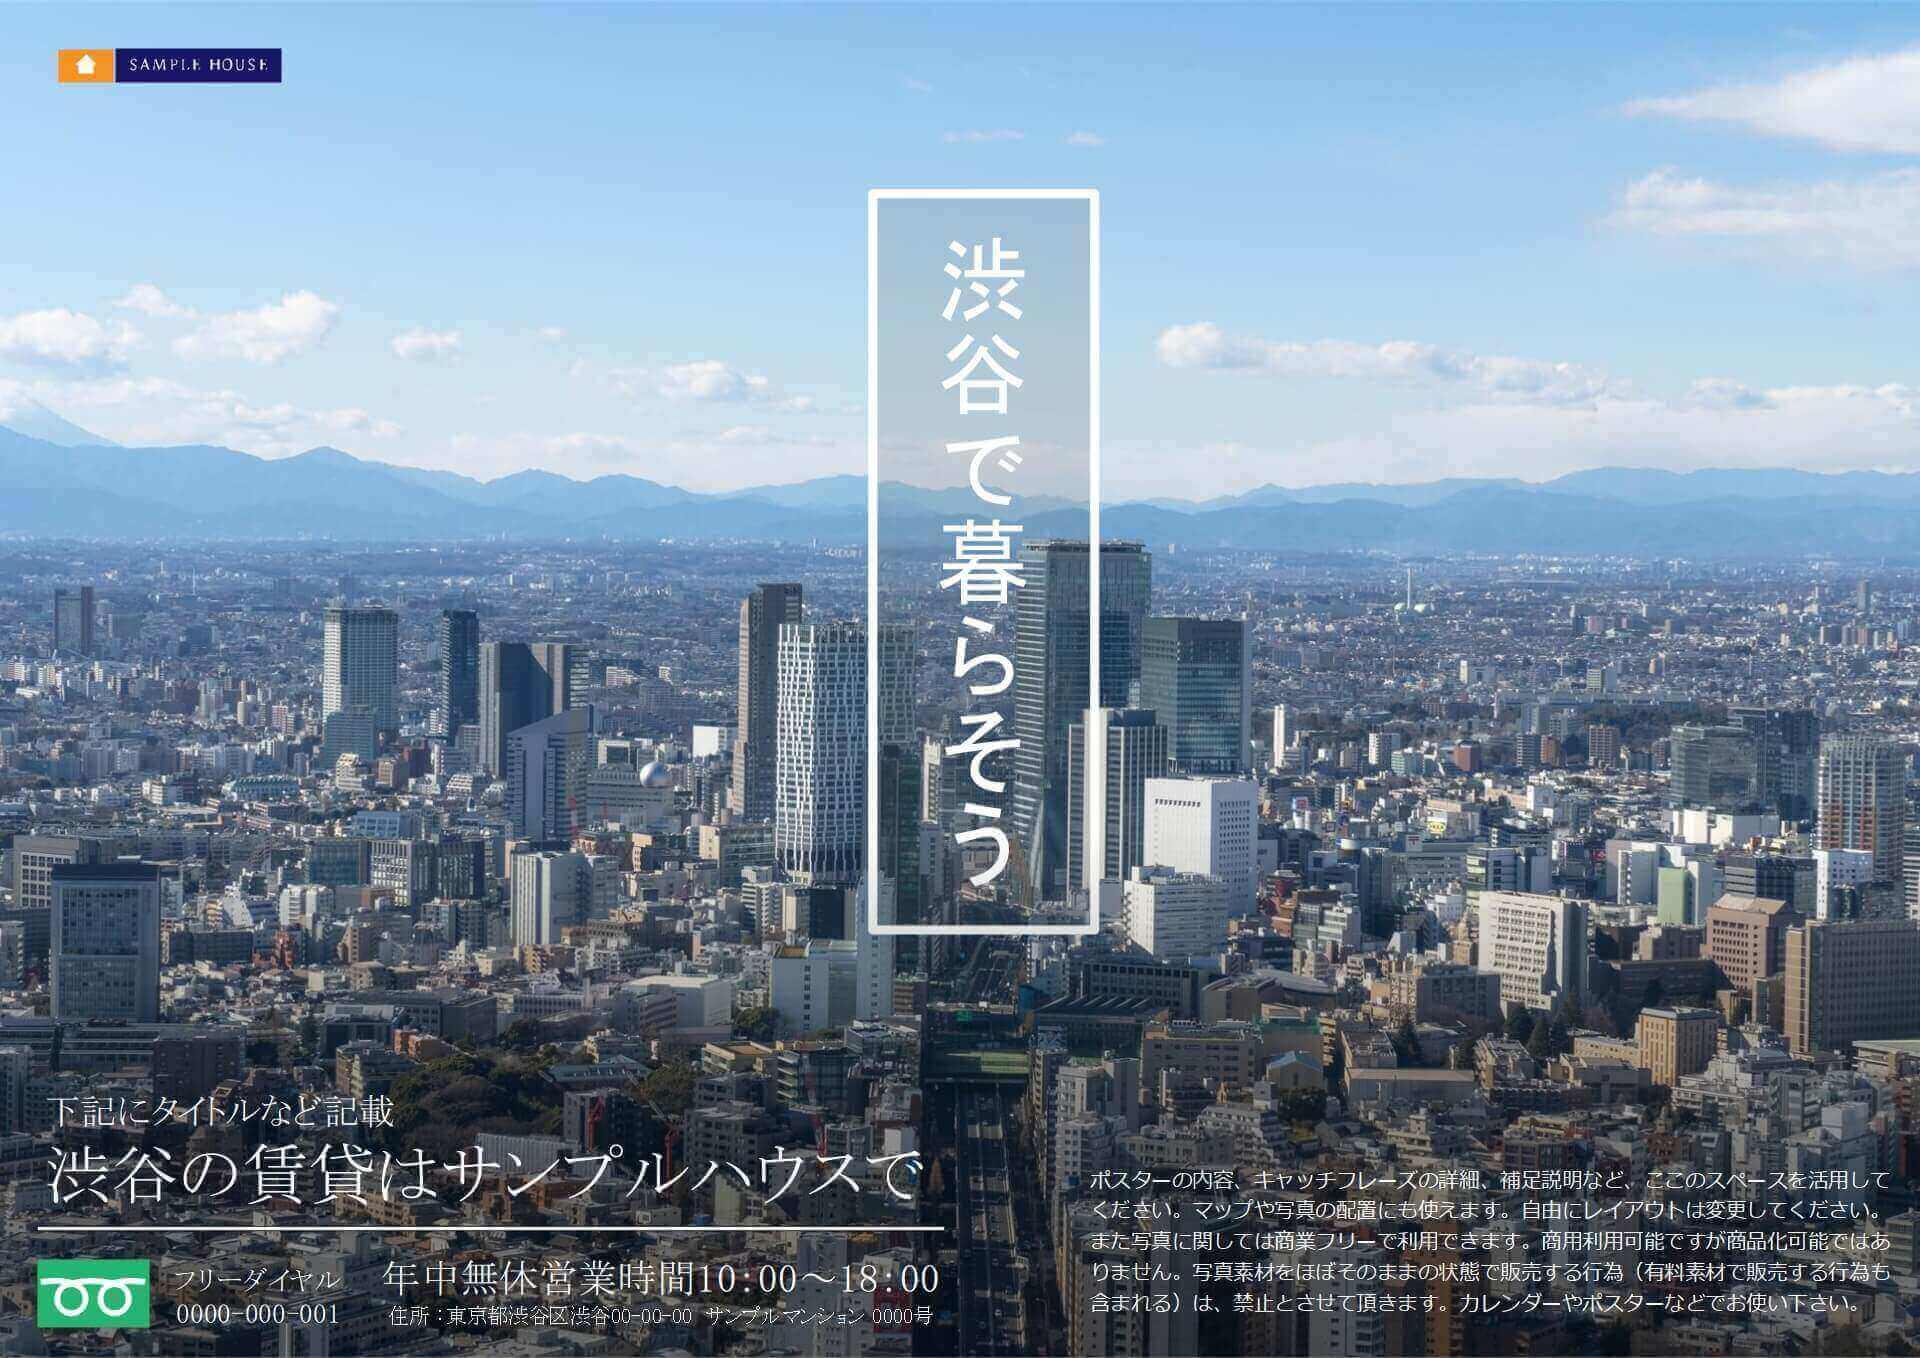 渋谷背景写真ポスター テンプレート